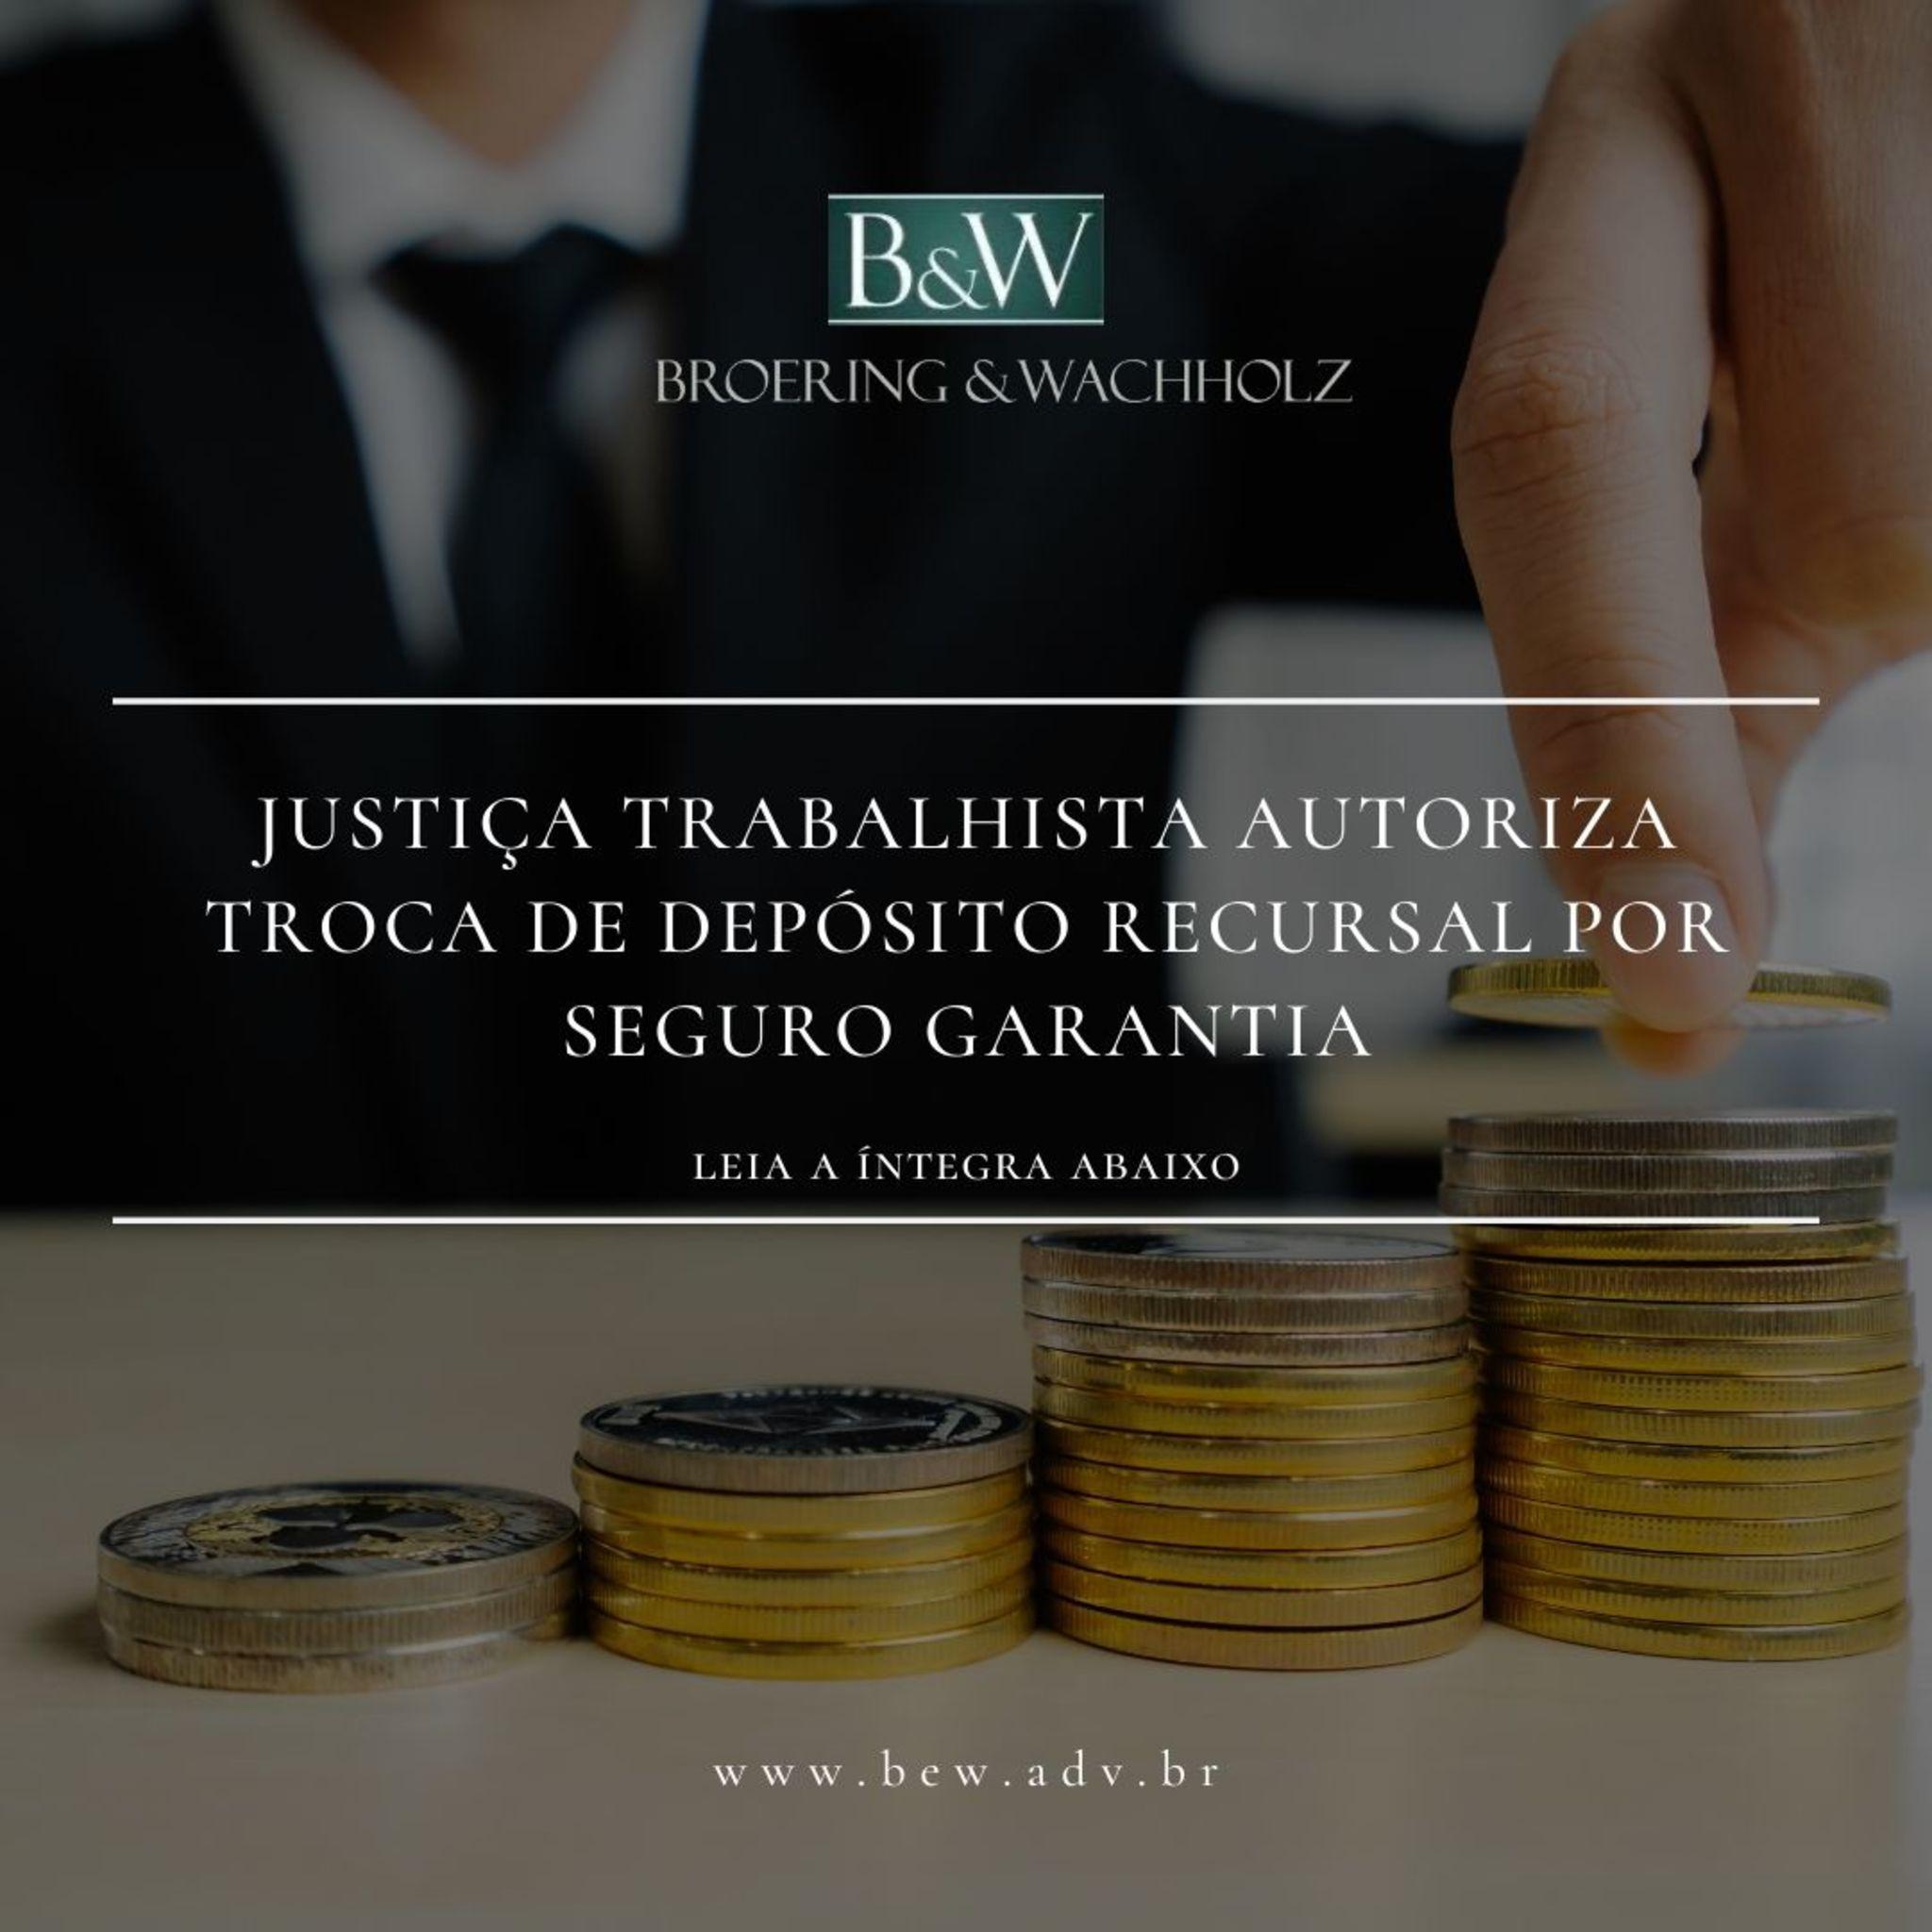 Justiça Trabalhista autoriza troca de depósito recursal por seguro garantia